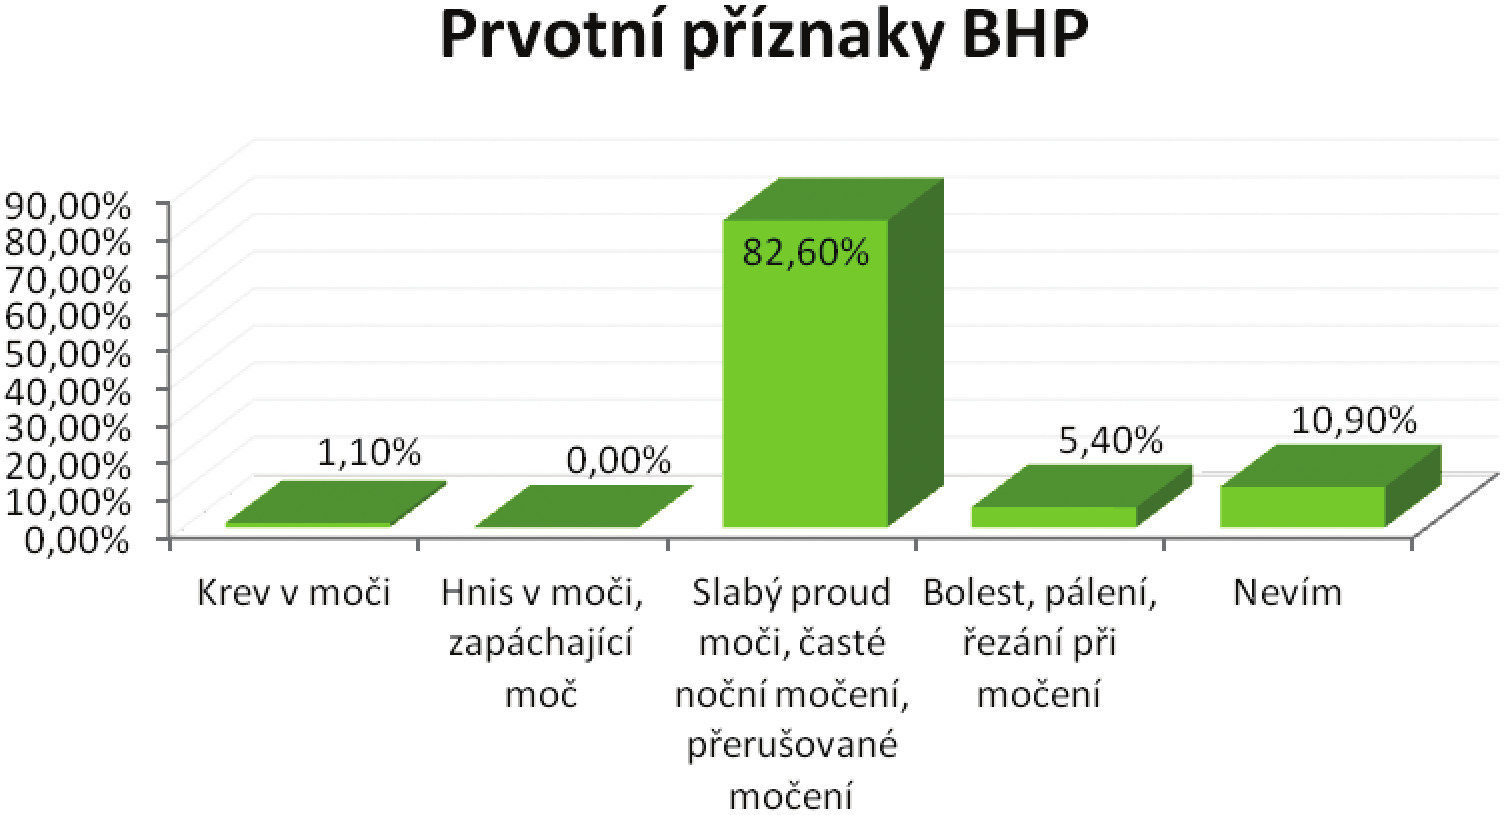 Příznaky nezhoubného zvětšení prostaty dle respondentů Graph 2: The symptoms of benign prostatic hyperplasia according to the respondents